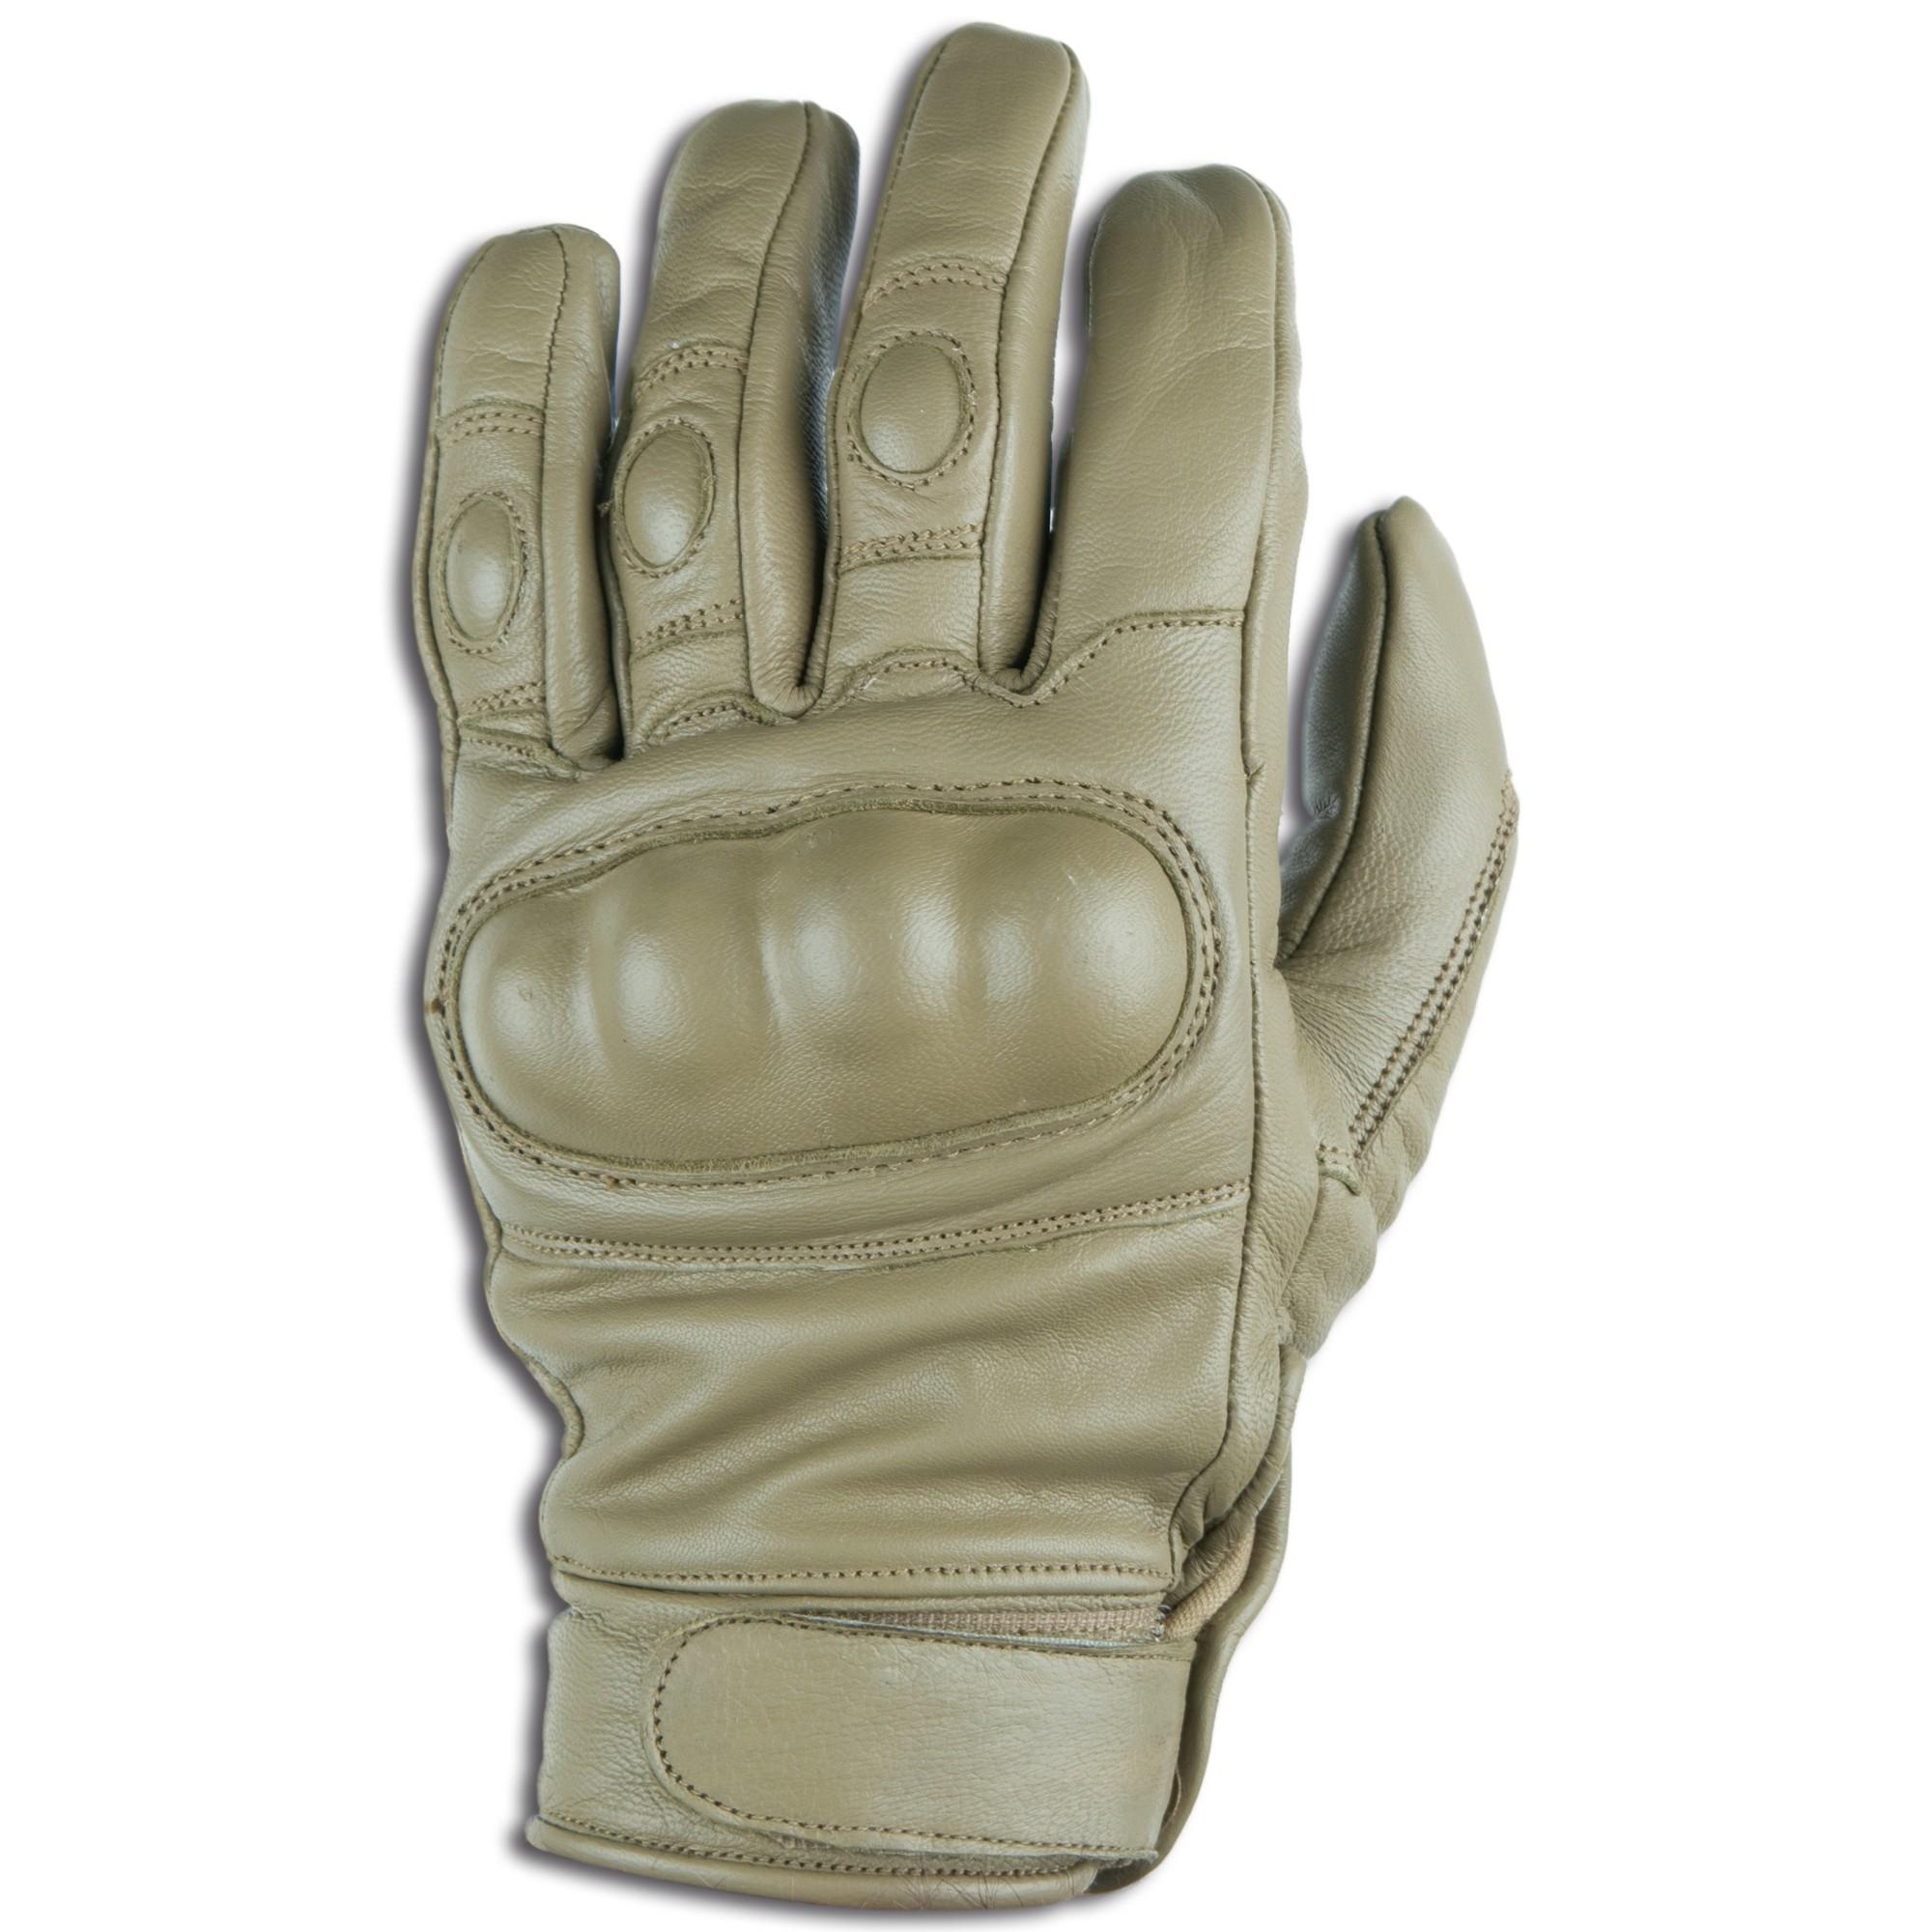 Handschuhe Tactical Pro Leder coyote